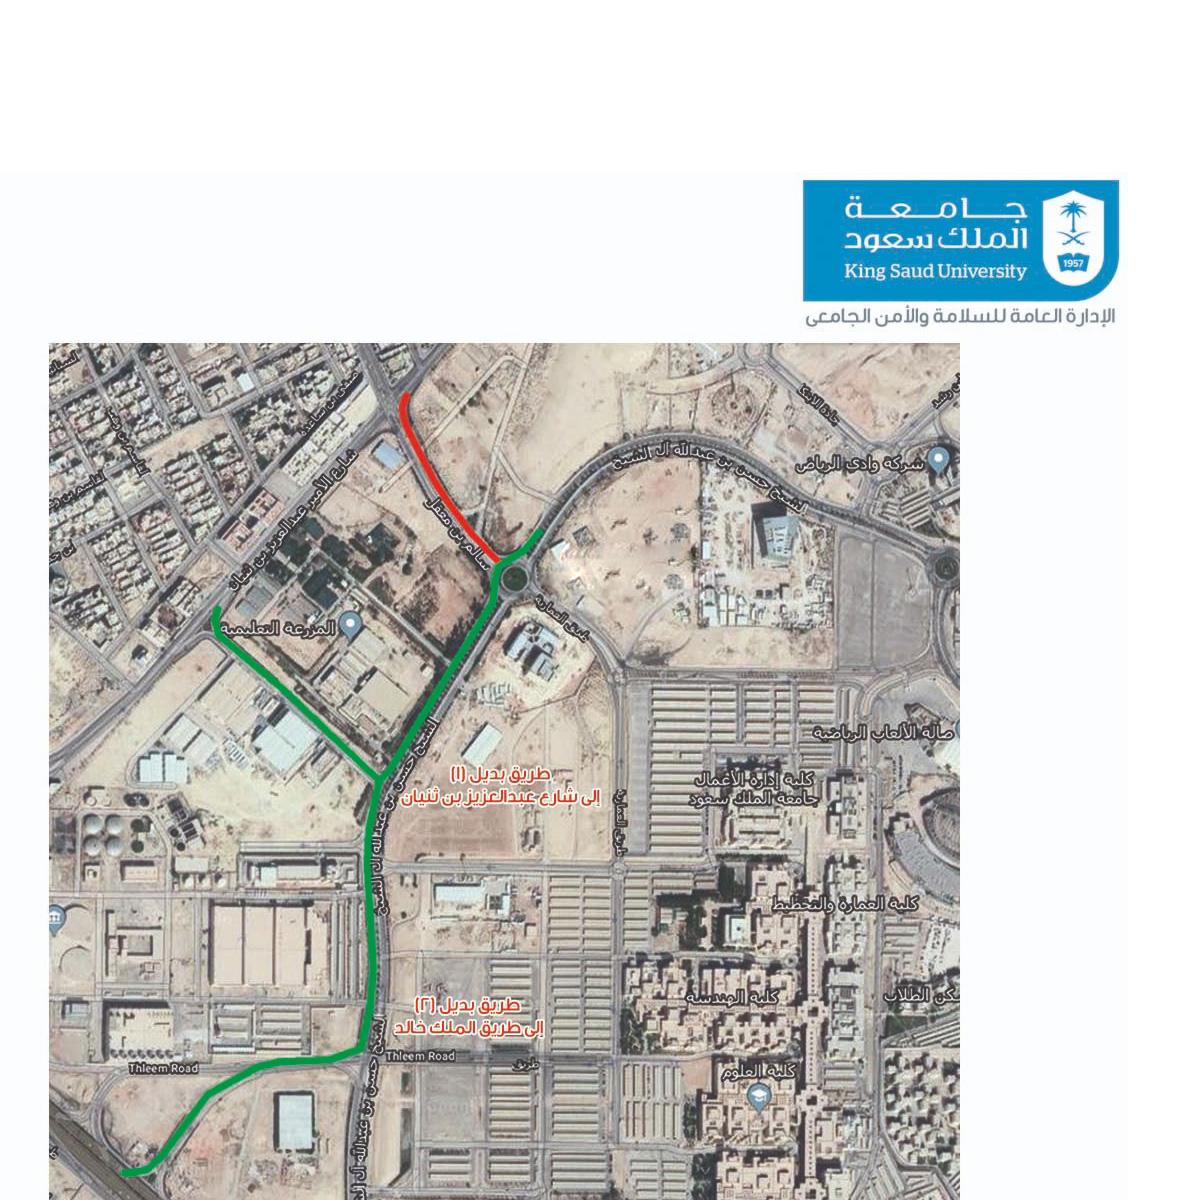 إغلاق مسار الخروج للبوابة رقم (5) على شارع الأمير عبدالعزيز بن ثنيان